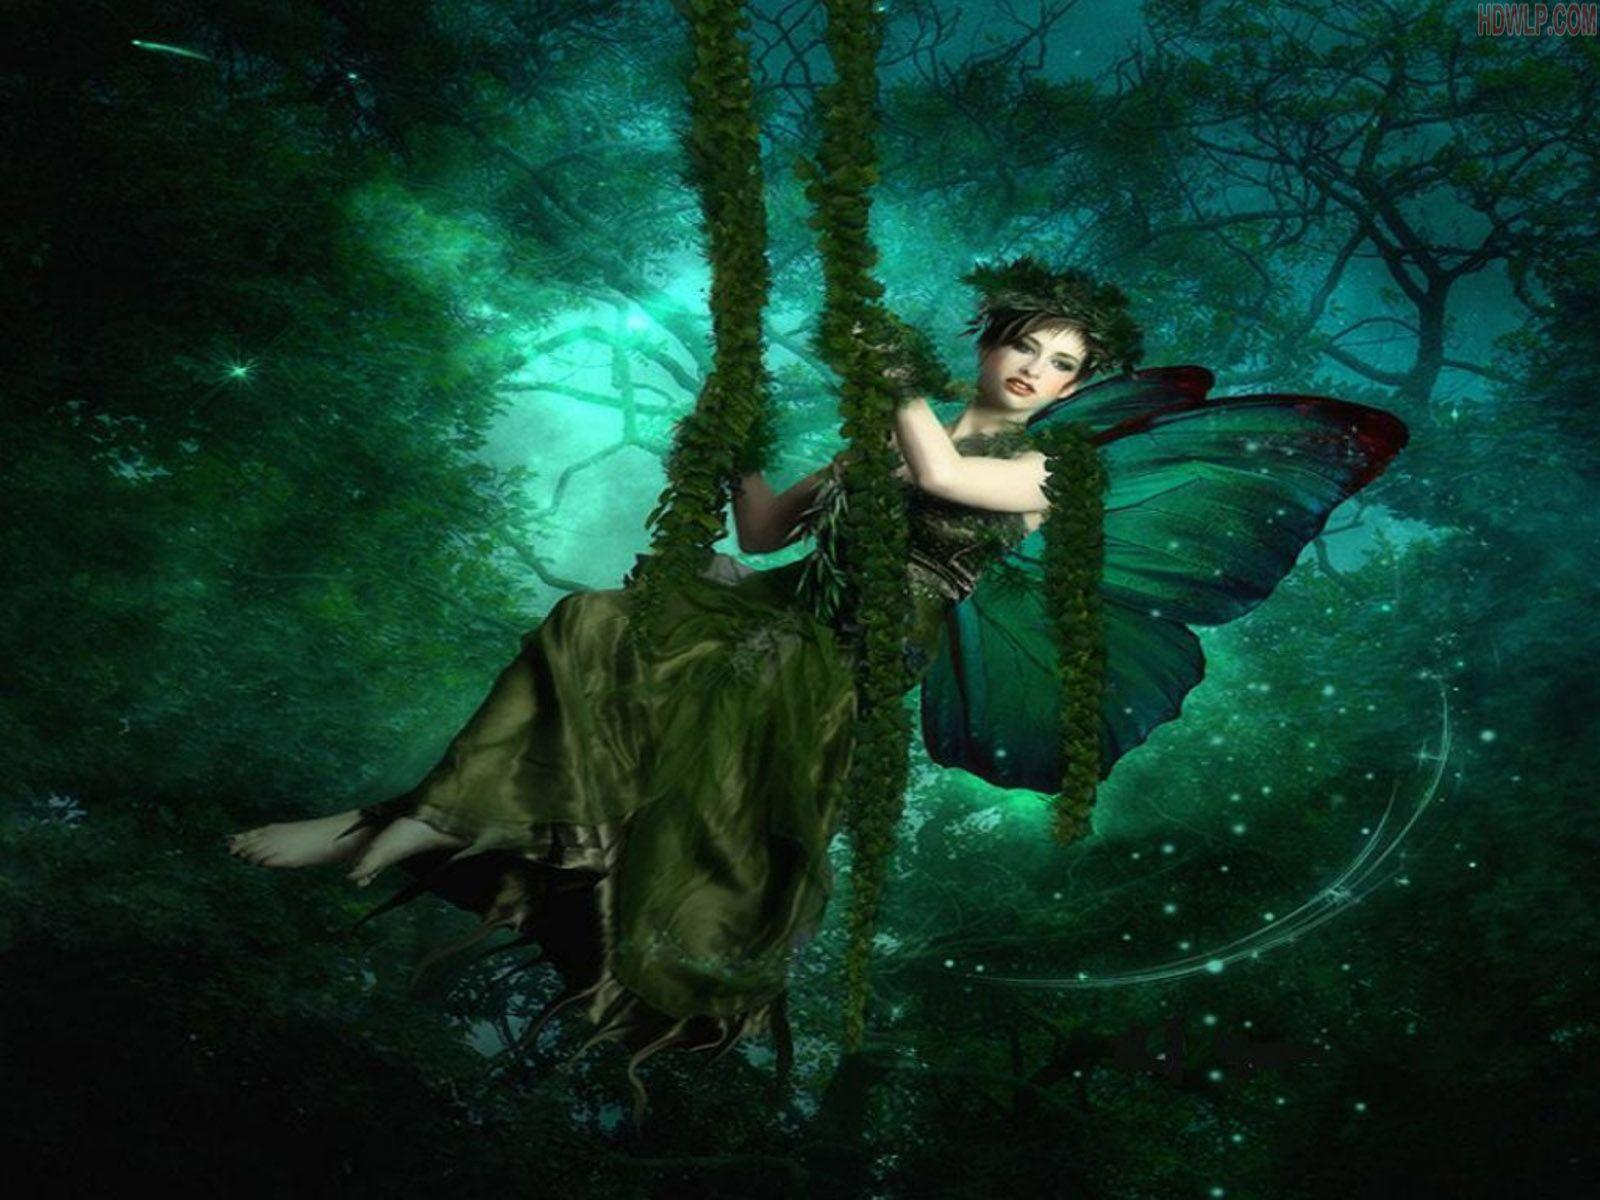 Green Dress Girl Swing HD Wallpaper | HDWLP.COM